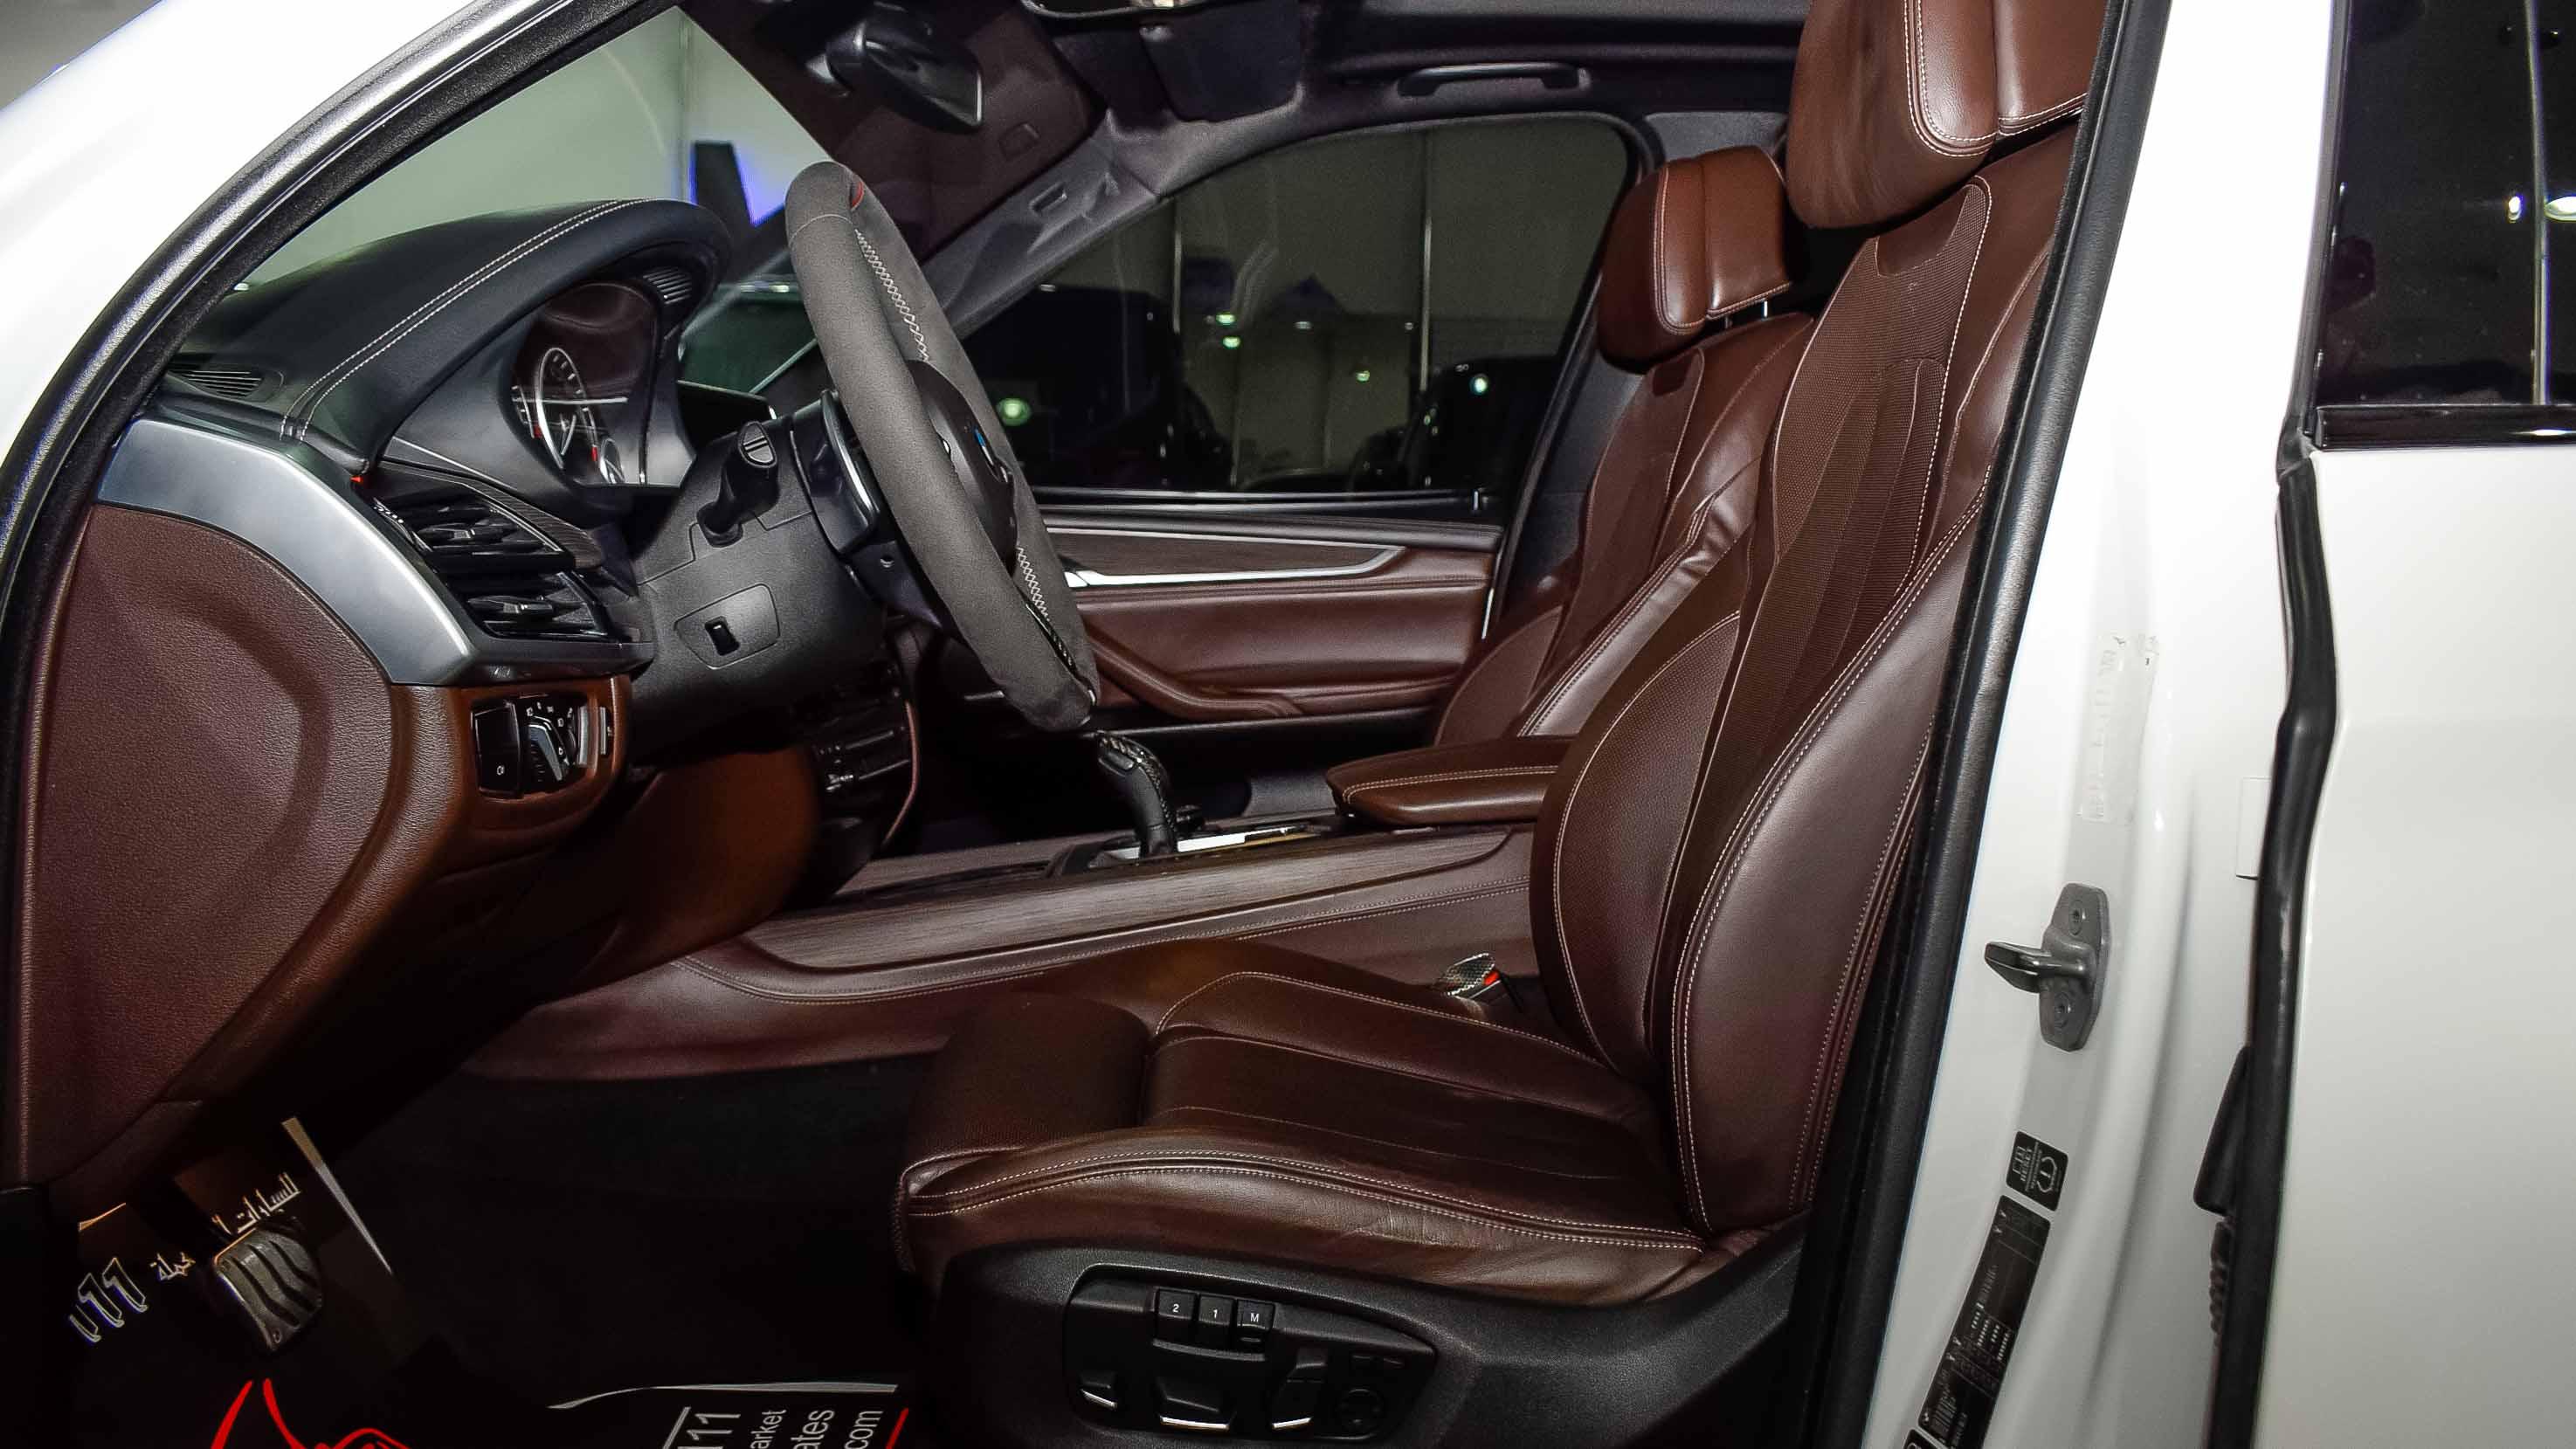 2014-BMW-X5-xDrive50i-M-Performance-White-Tan-GCC-05.jpg